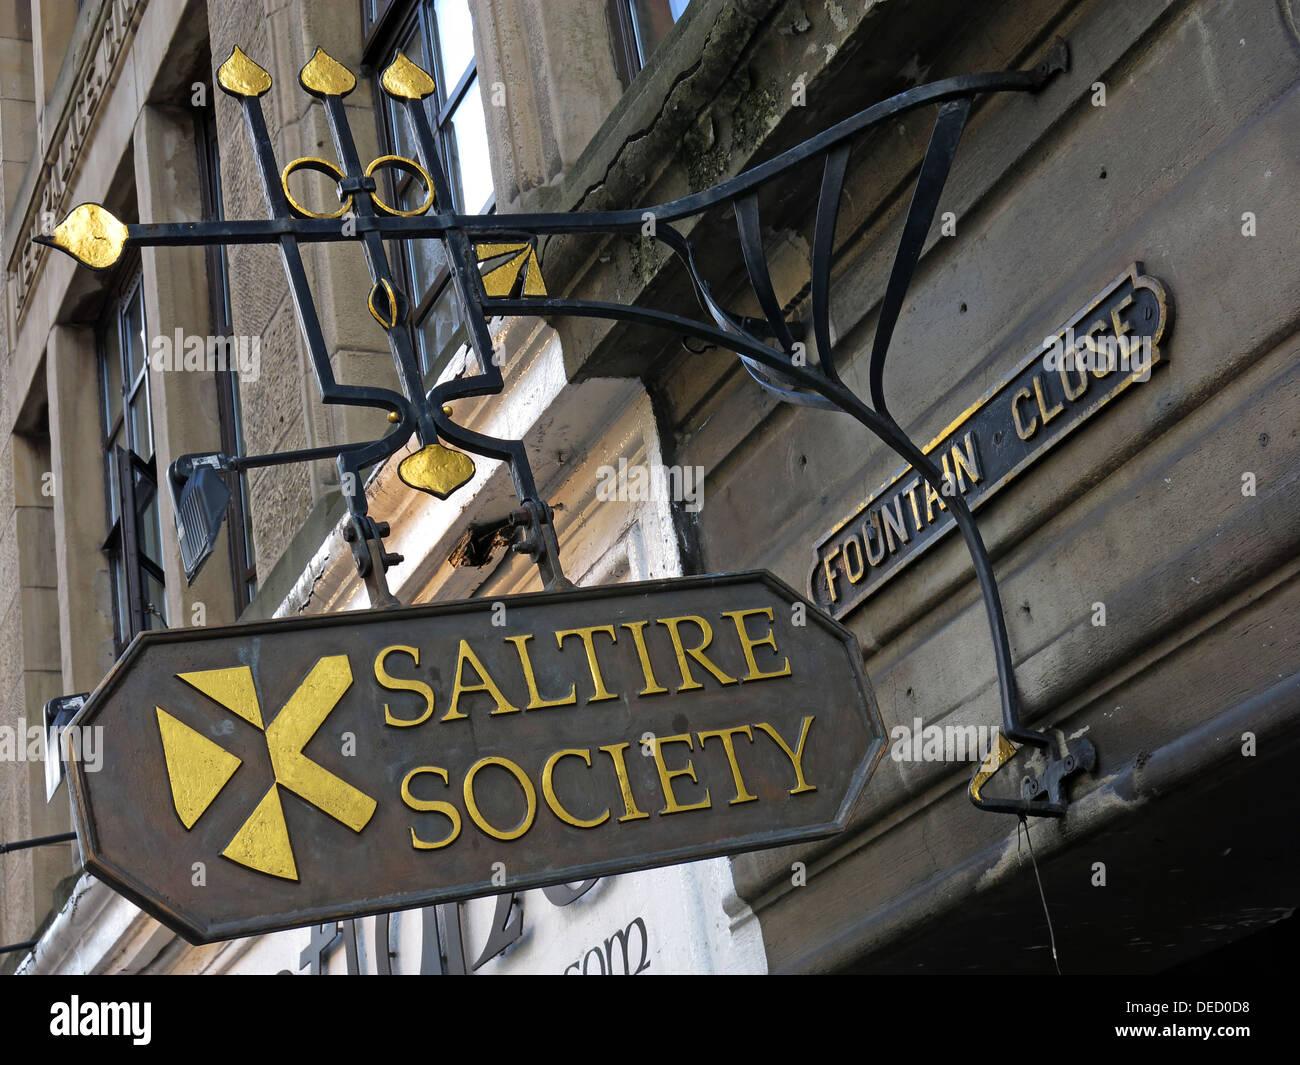 Laden Sie dieses Alamy Stockfoto Saltire Society Zeichen & Büro Brunnen enge hohe St Royal Mile Edinburgh City Schottland, Vereinigtes Königreich - DED0D8